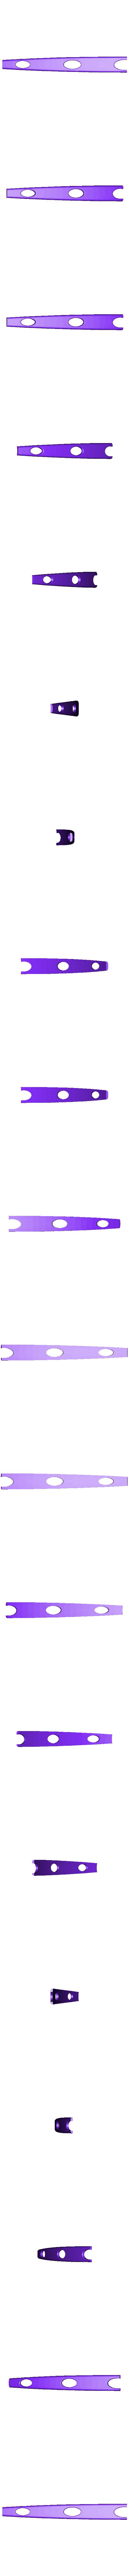 warhead_5_x4_part_1.stl Download free STL file GI Joe Nanomites warhead • 3D print model, poblocki1982